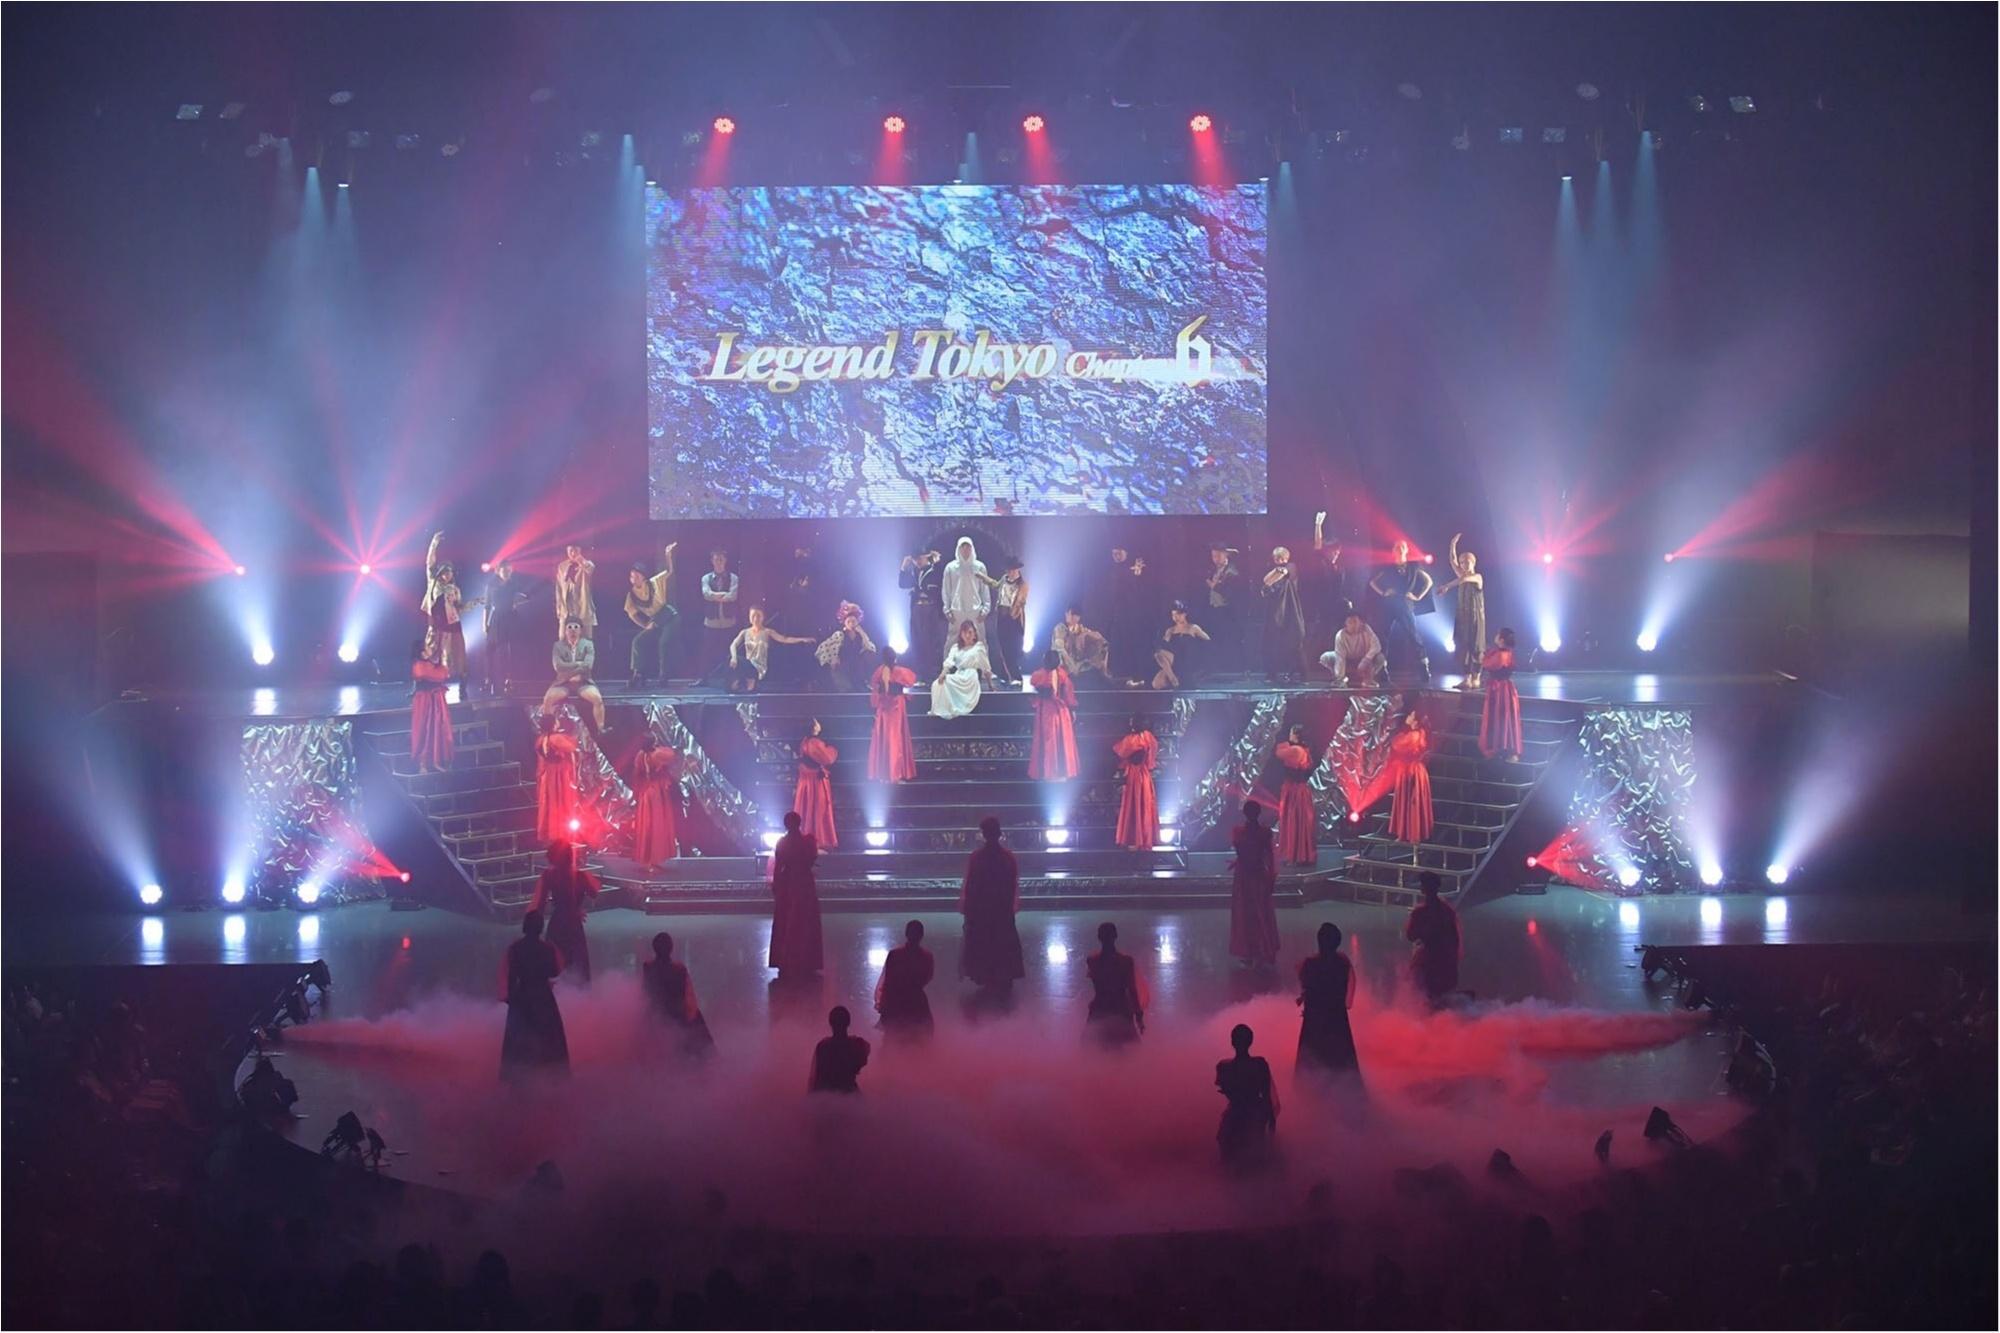 《より多くの人達にダンスを》新次元ダンスコンテスト【Legend Tokyo】が進化を続ける理由とは。_4